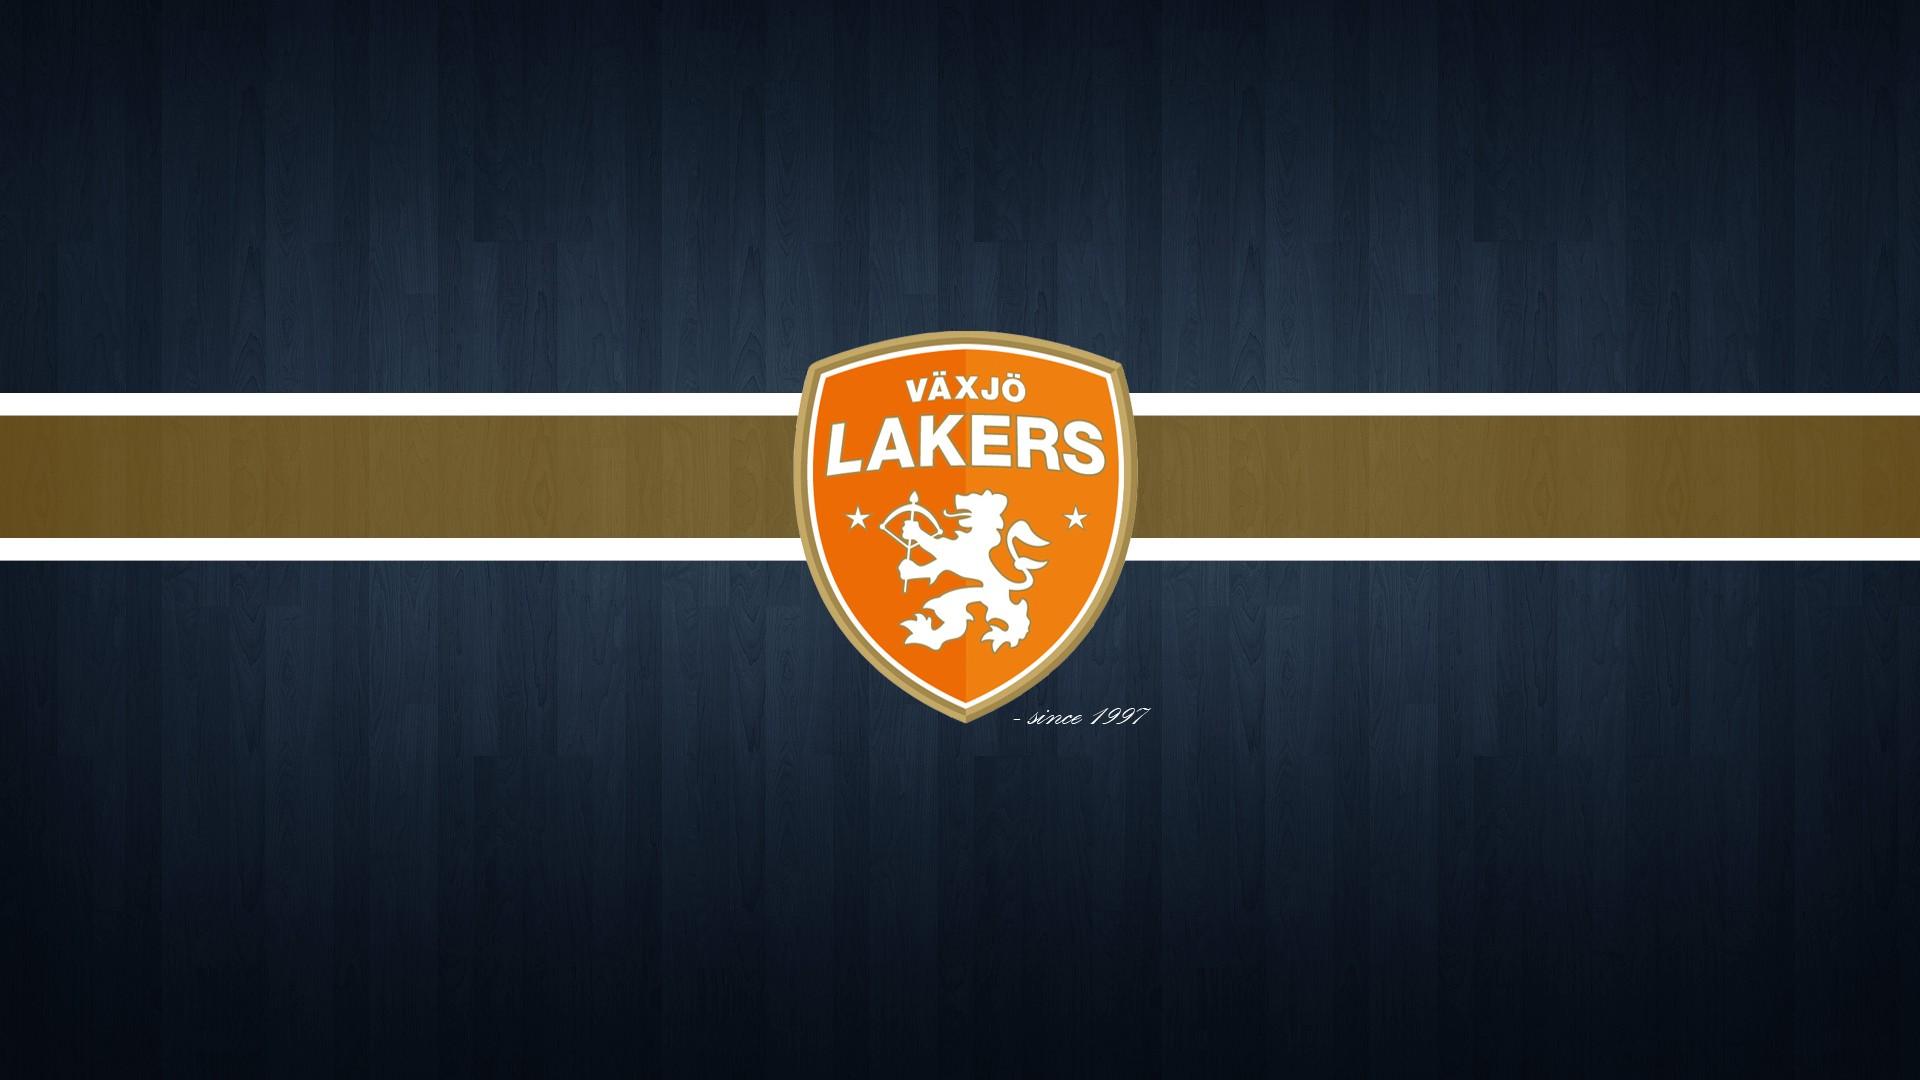 lakers wallpaper nice